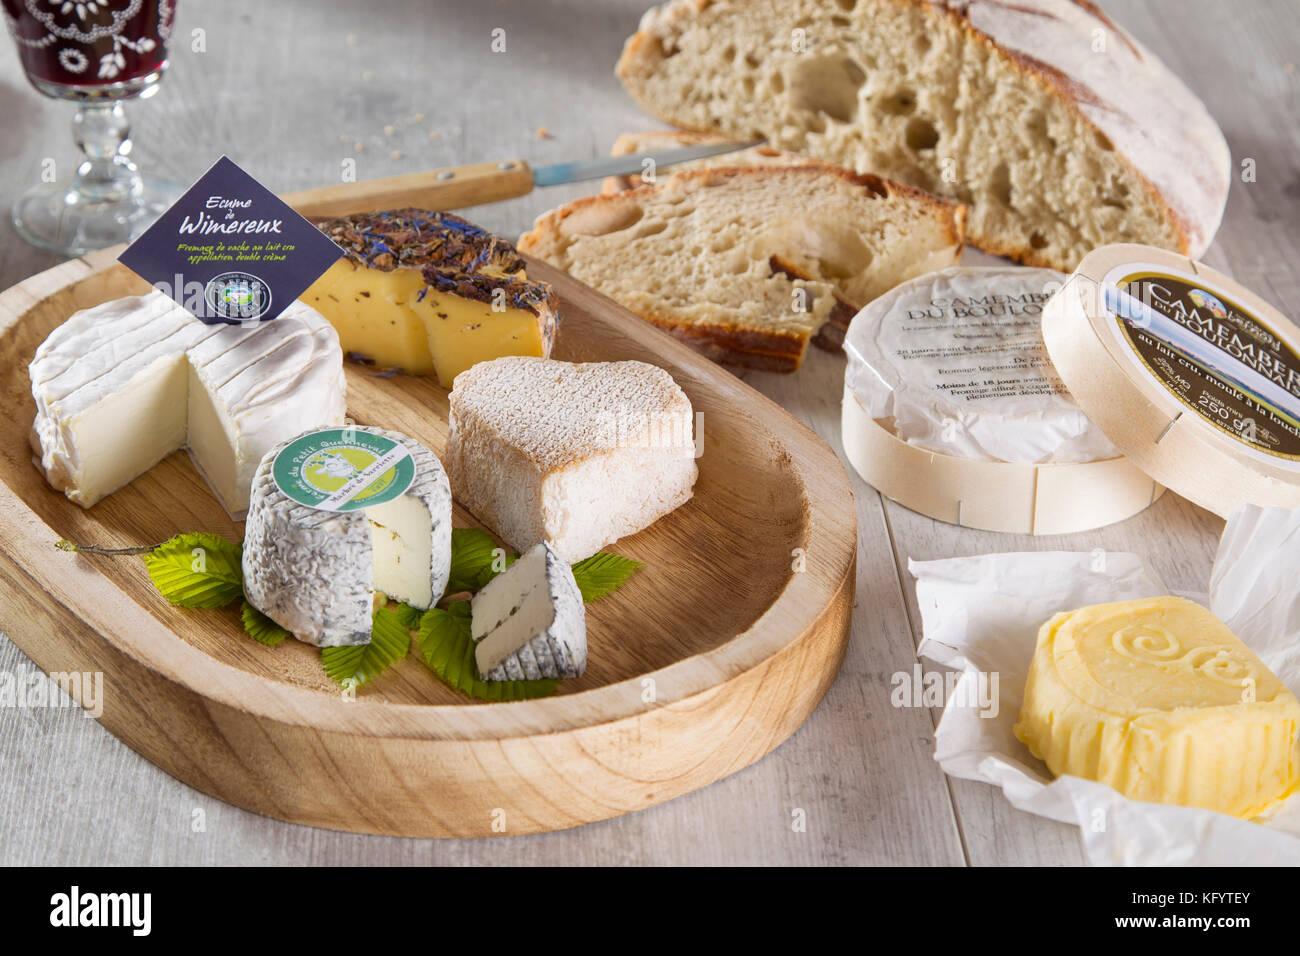 Les produits laitiers locaux de les Hauts-de-France Région: sélection de fromages, Ecume de Wimereux, Photo Stock